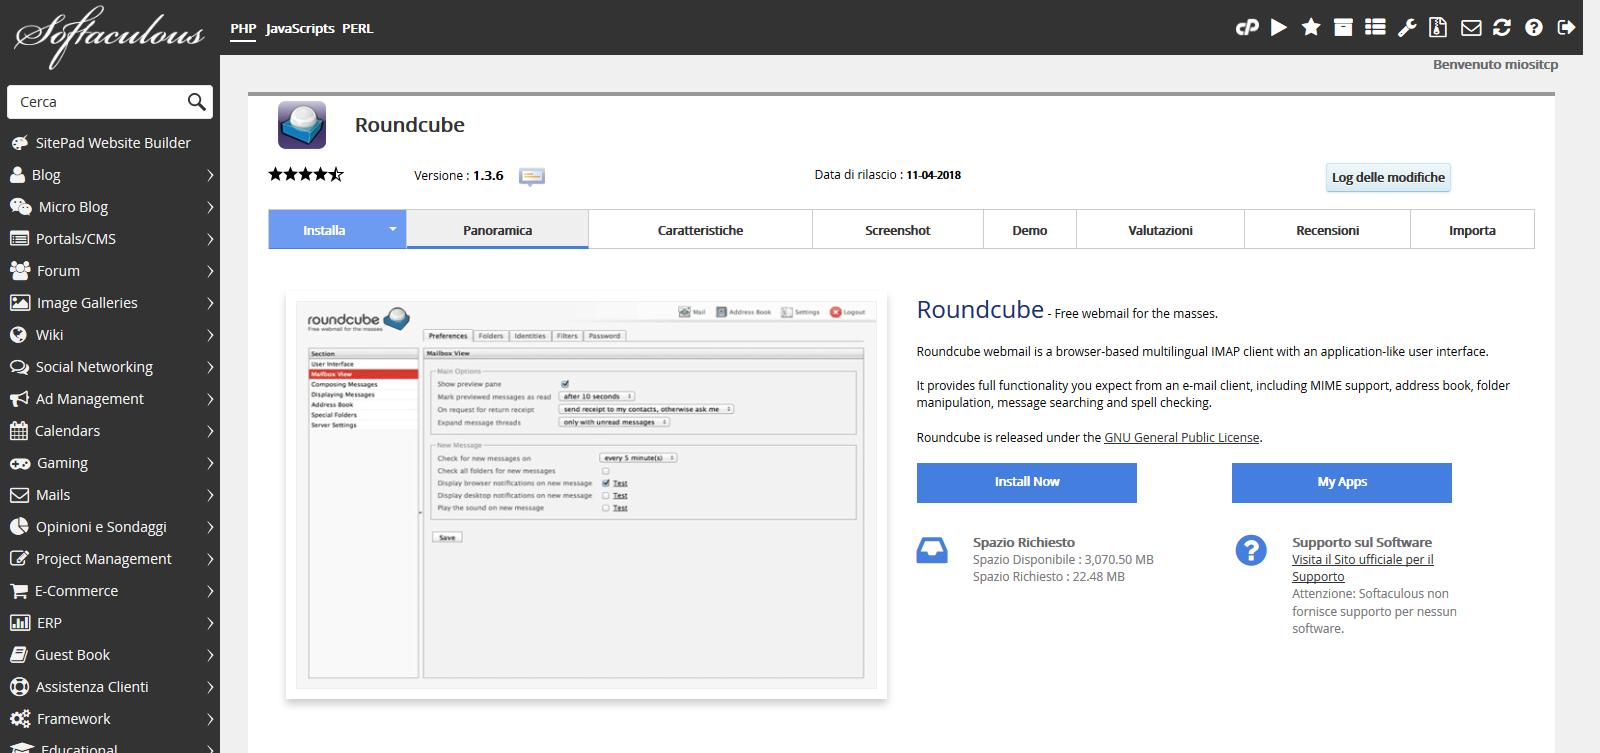 Come installare automaticamente RoundCube WebMail